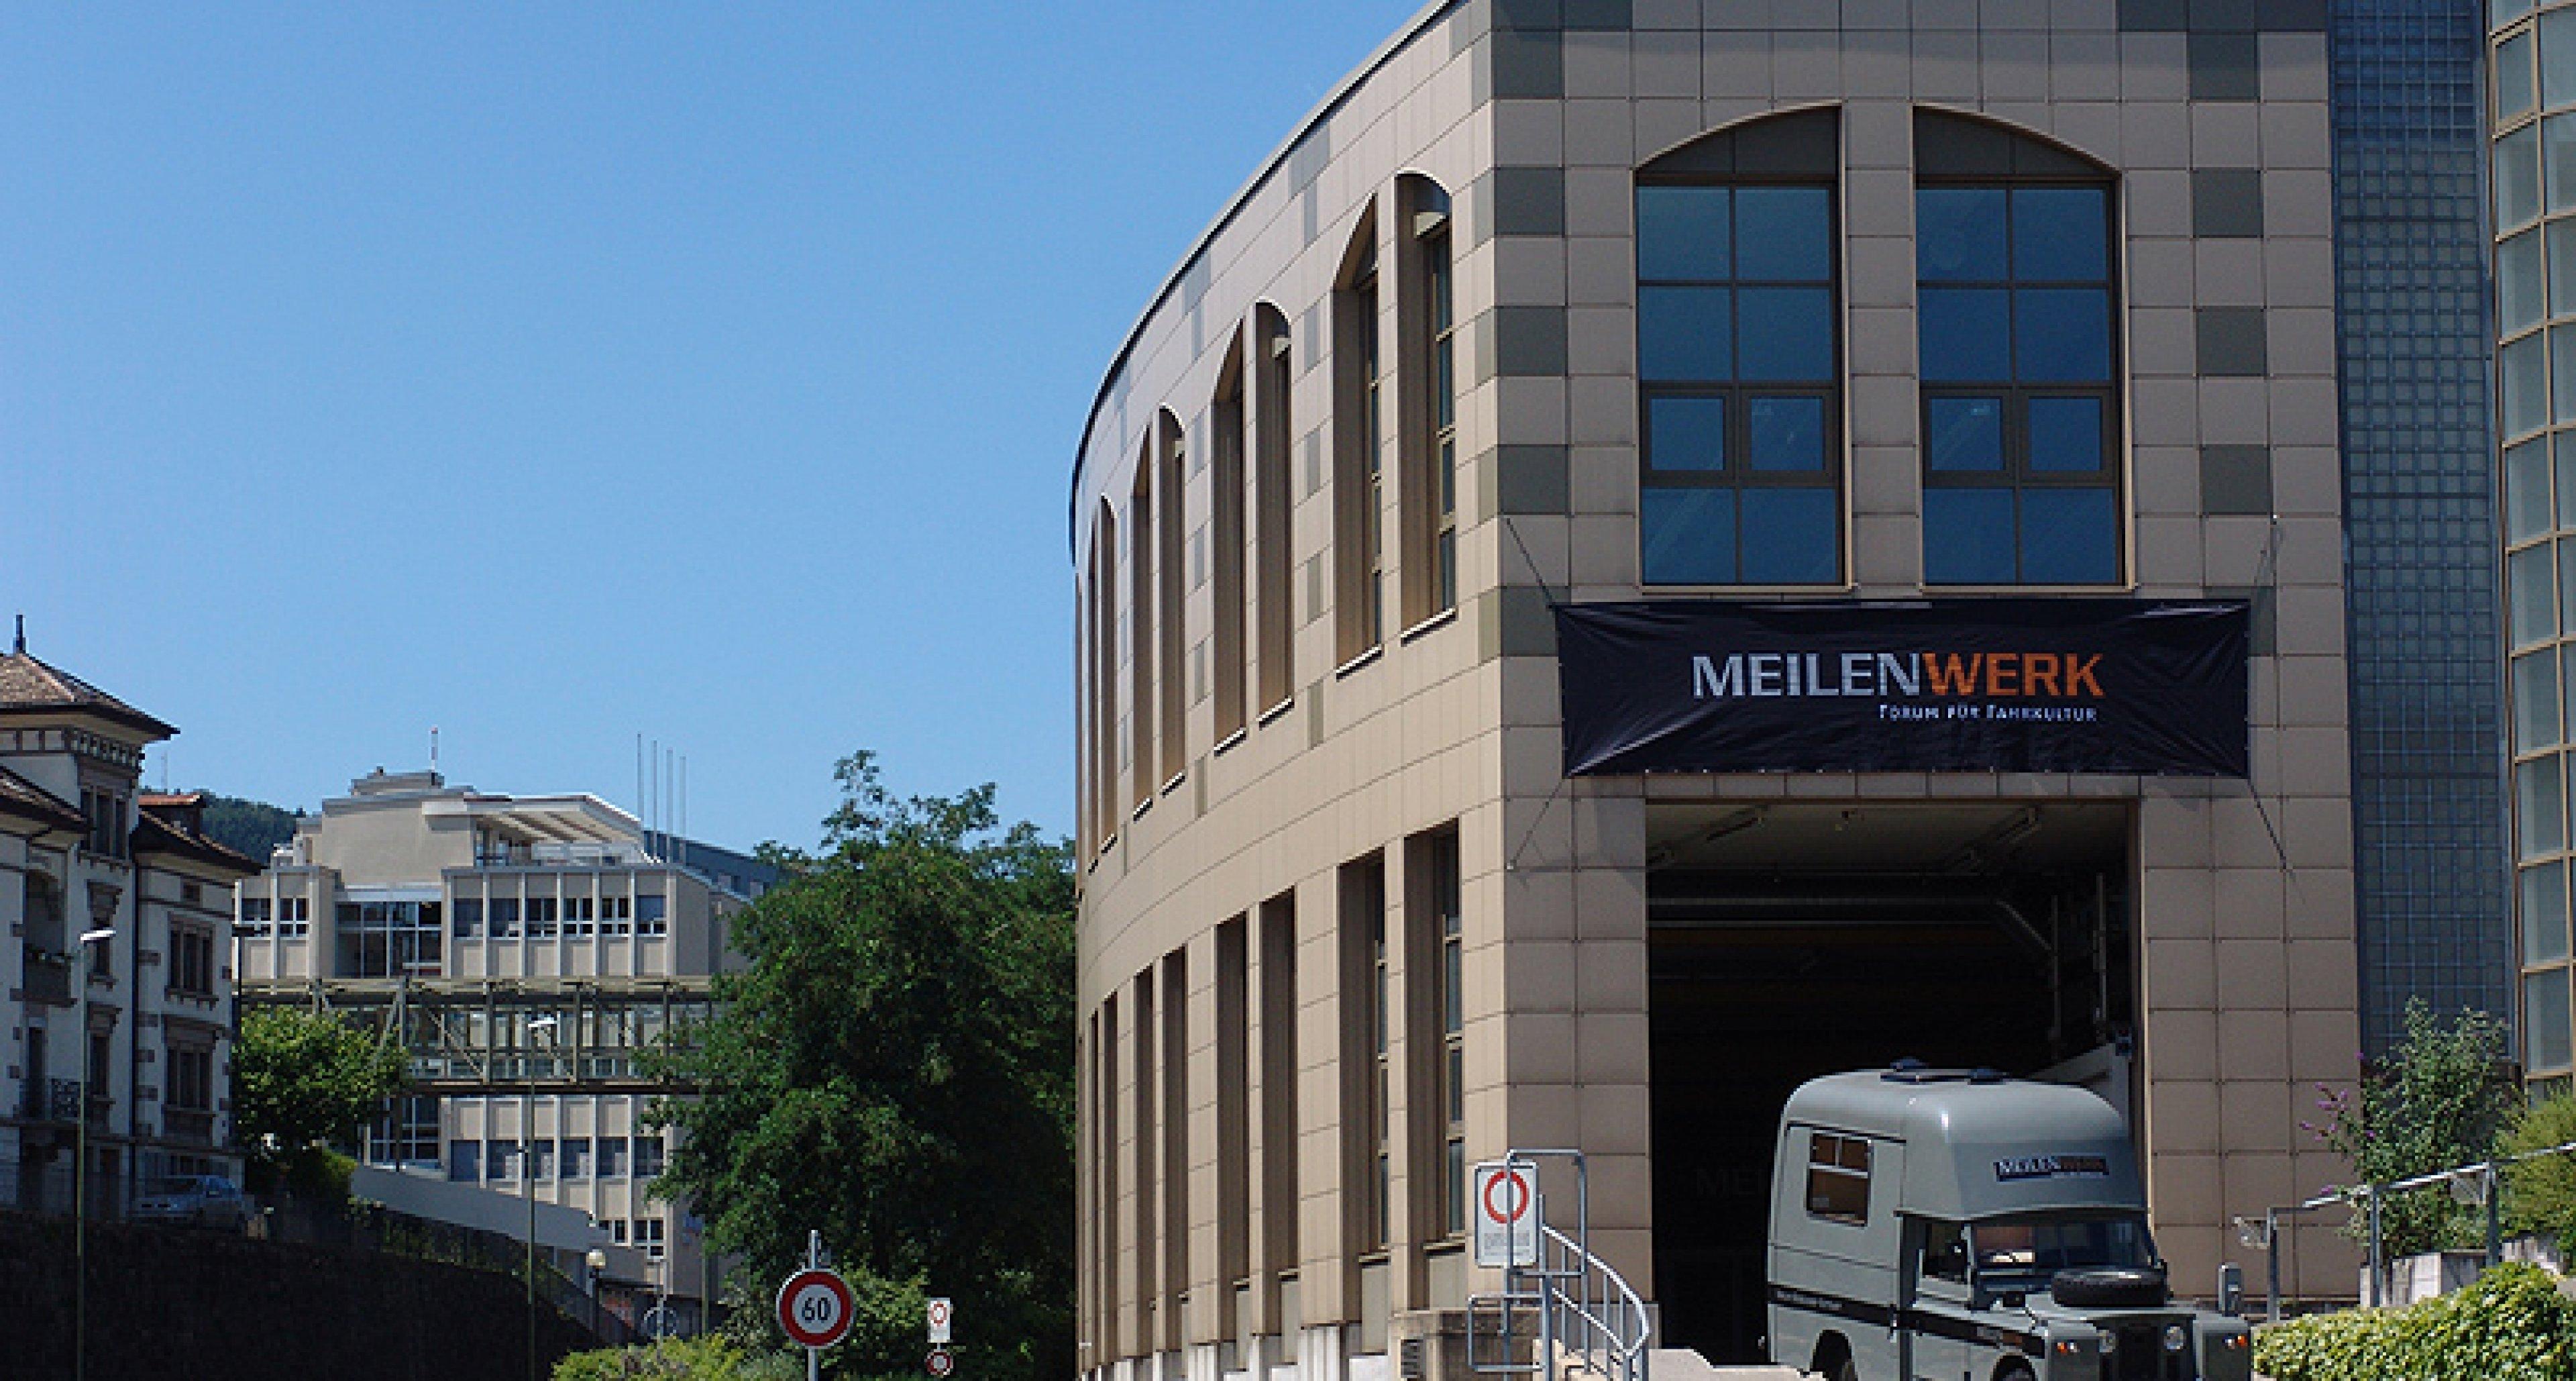 Sneak Preview: Meilenwerk Zurich